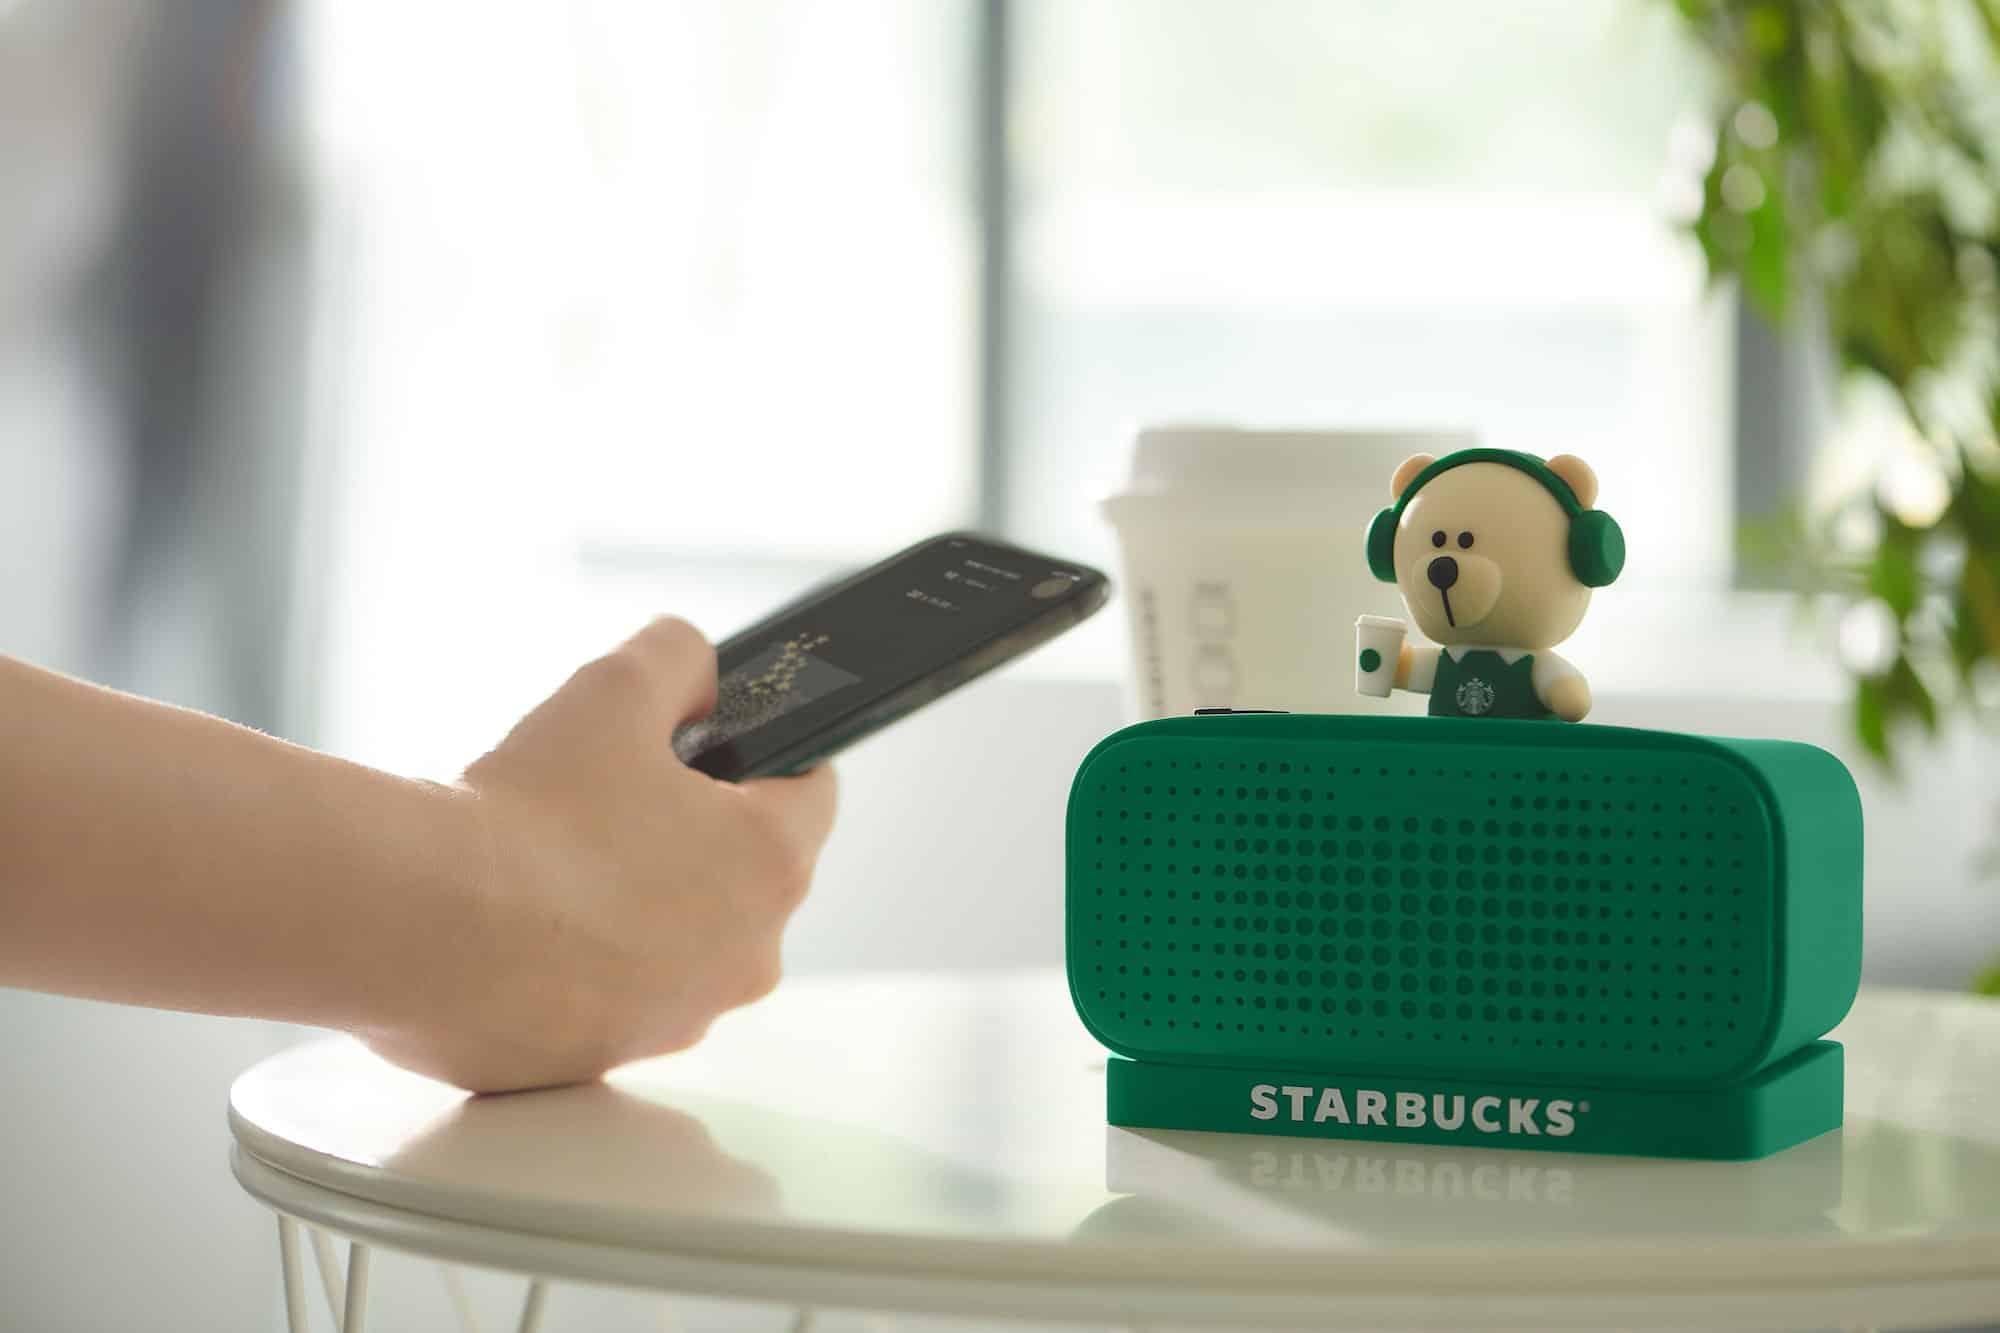 Tmall Genie exklusiv für Starbucks in China